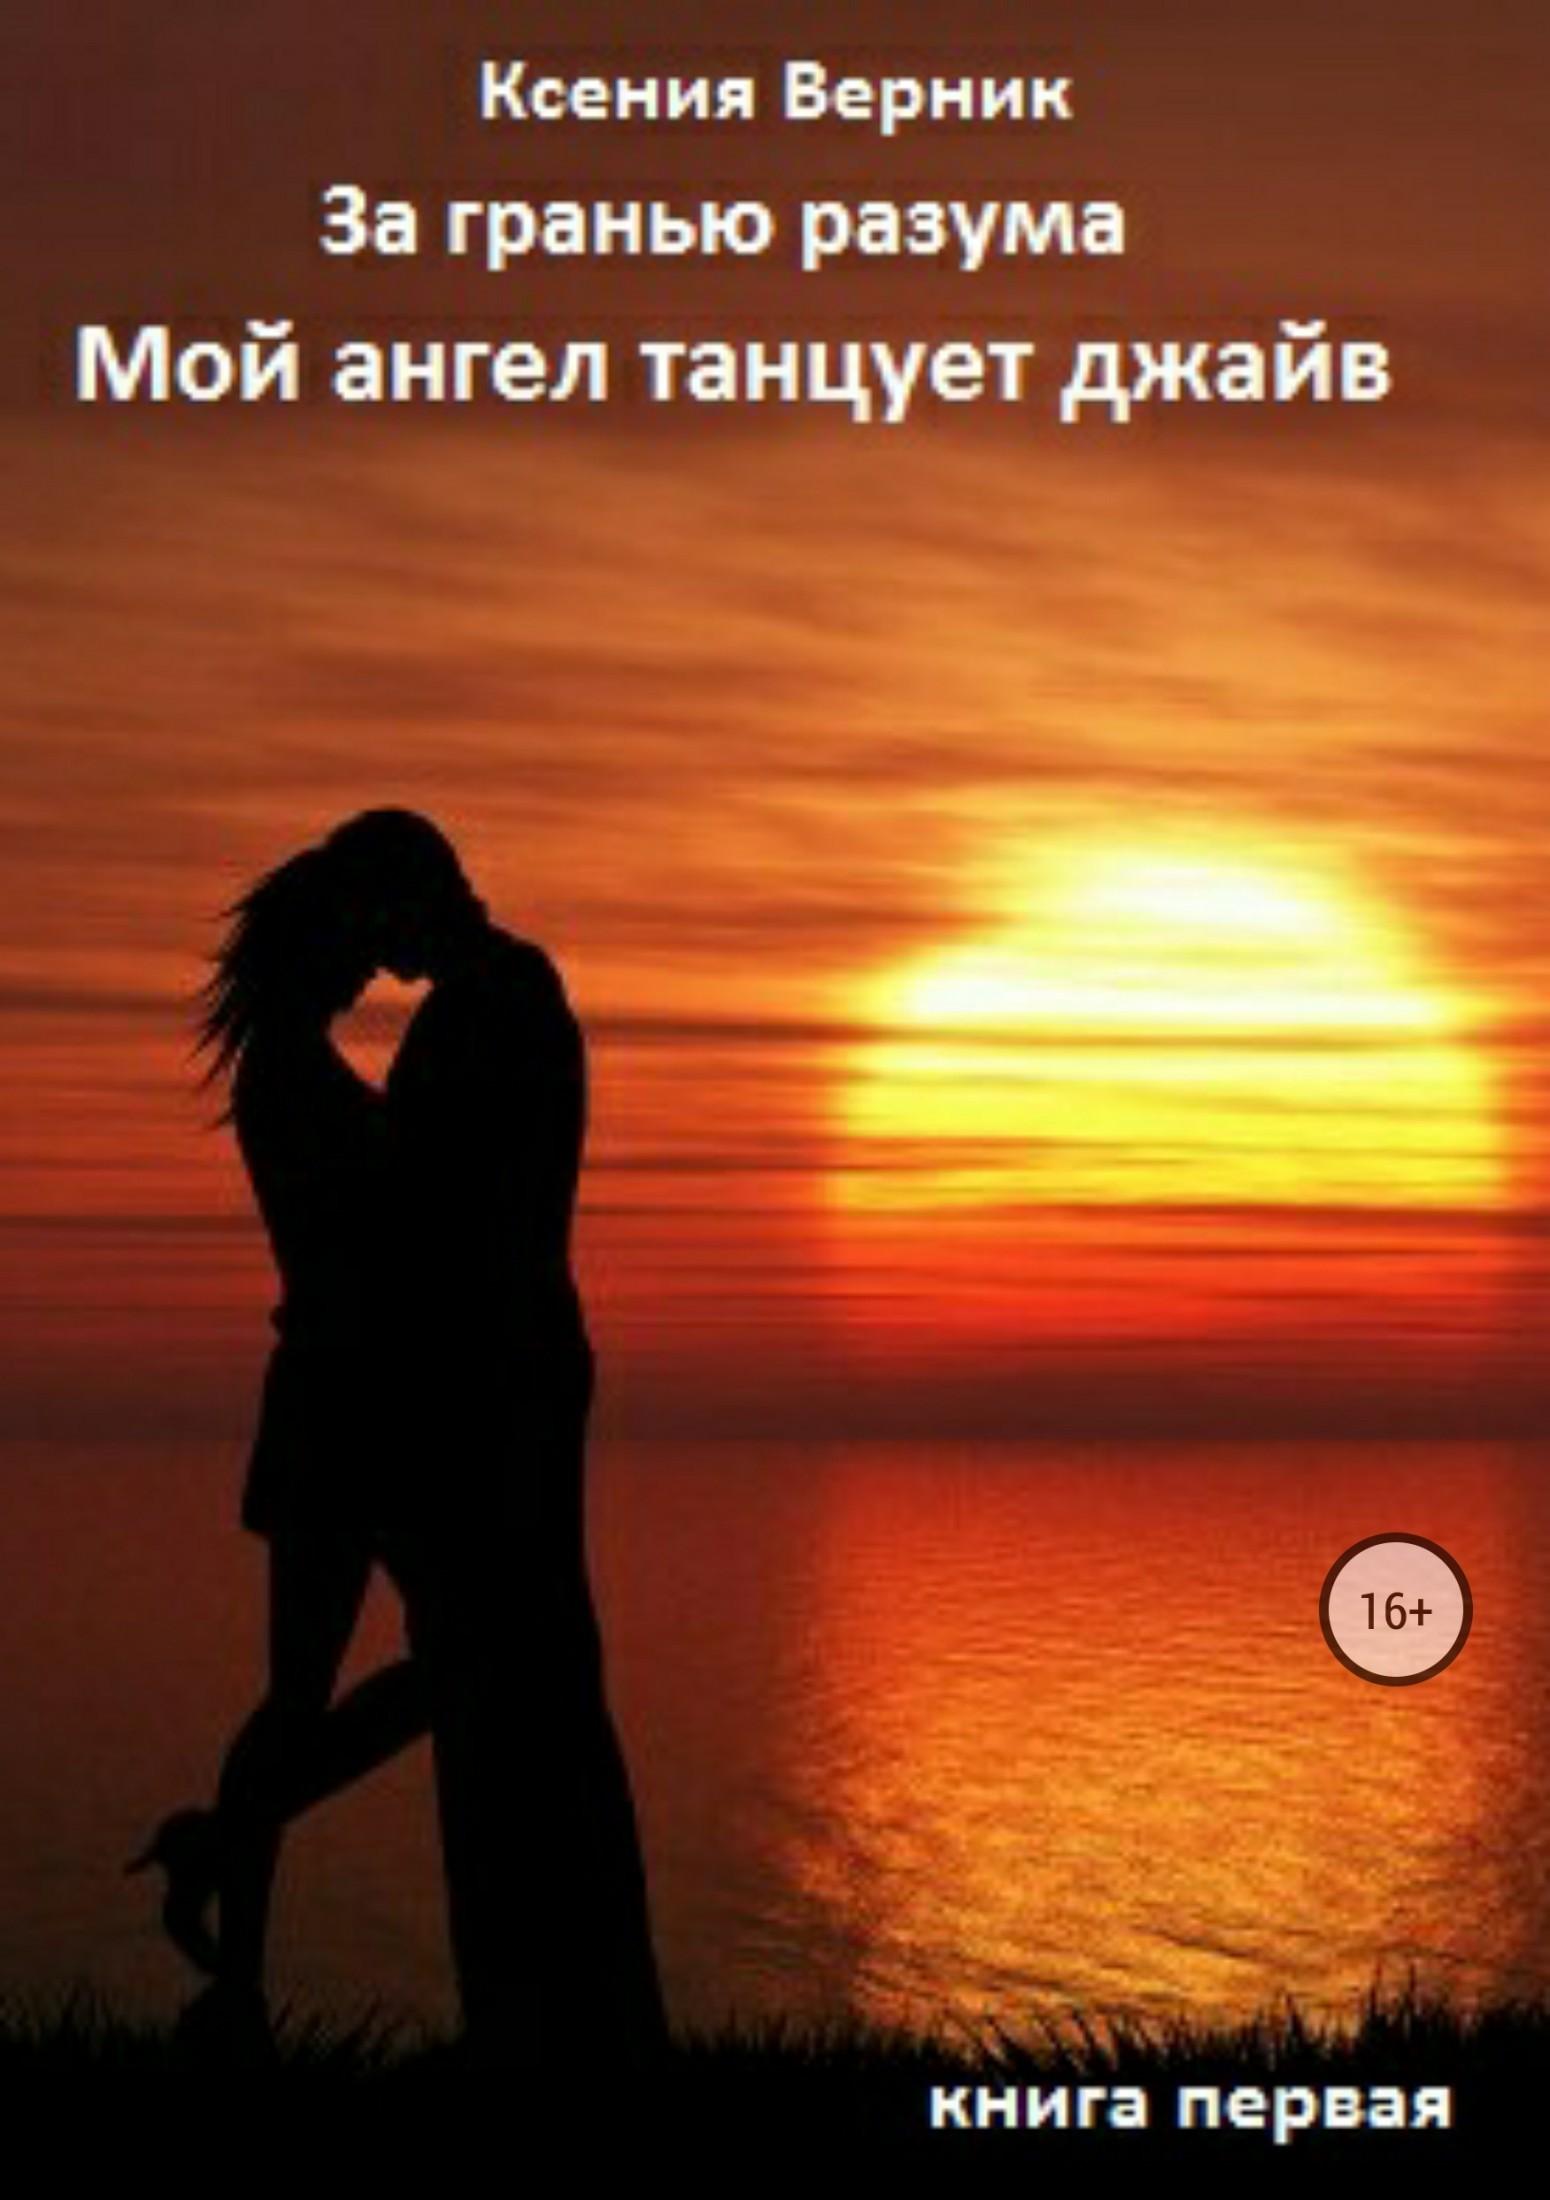 Ксения Георгиевна Верник За гранью разума. Книга первая. Мой ангел танцует джайв